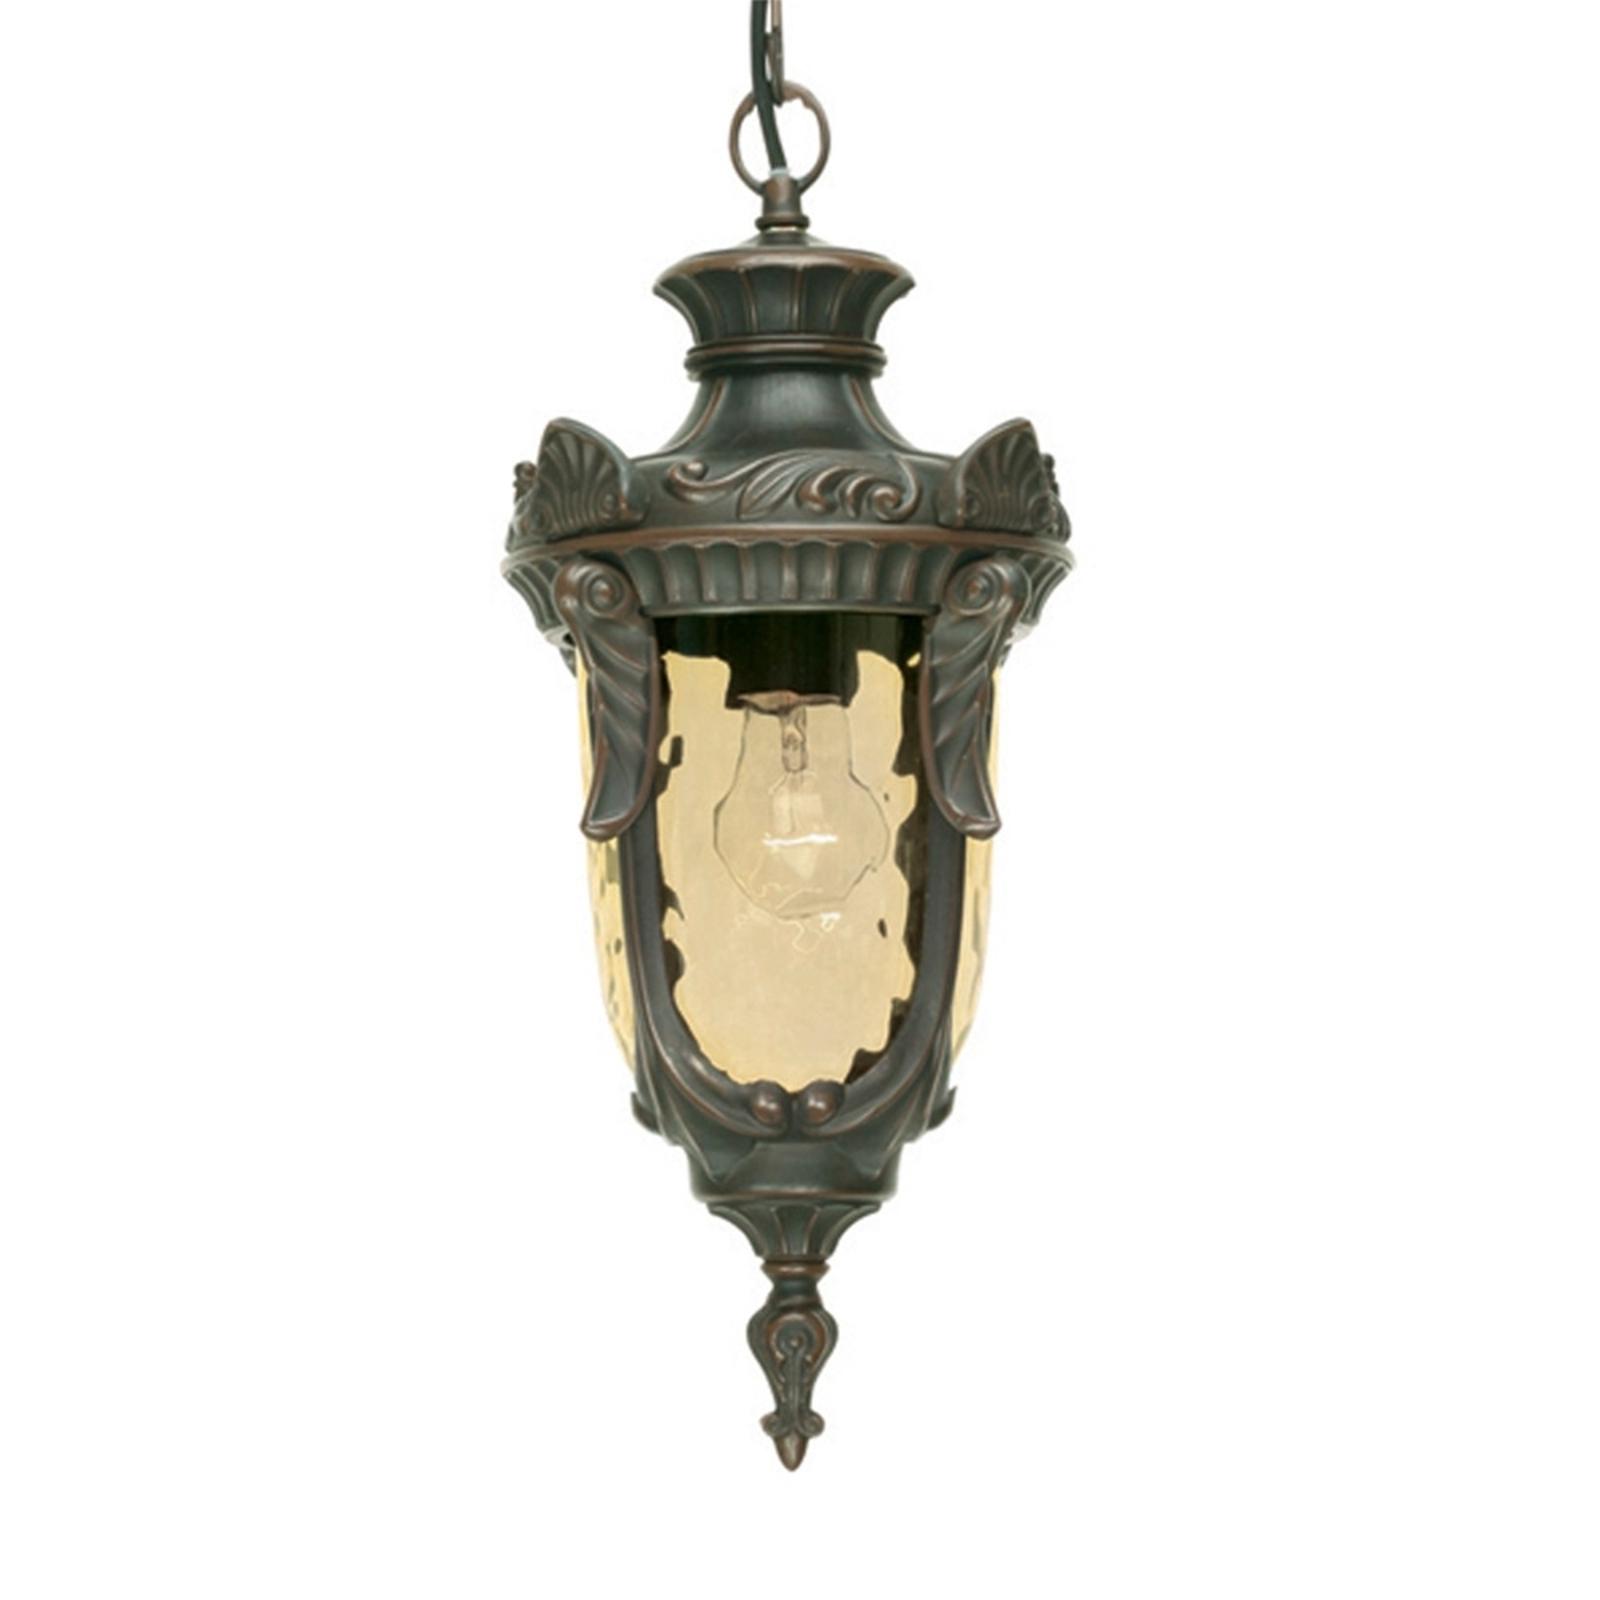 Závesná lampa PHILADELPHIA pre vonkajšie priestory_3048184_1